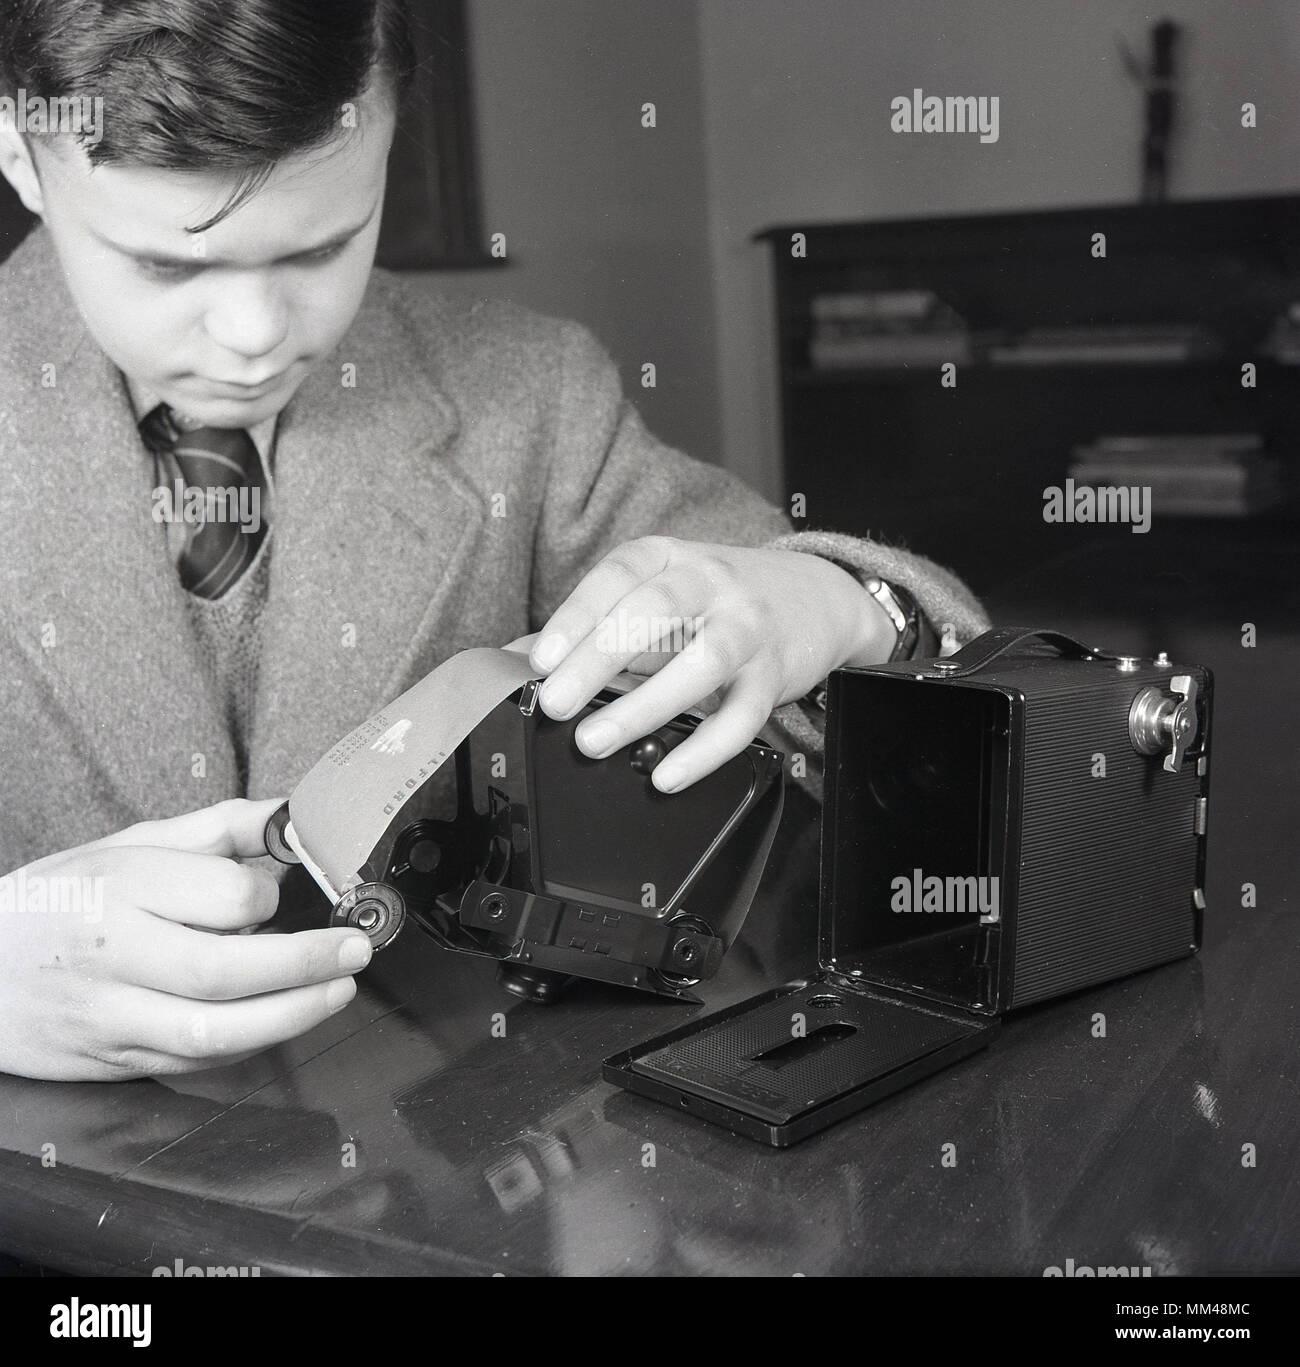 """1950, histórico, joven colegial poniendo 127 rollos de película en una cámara de película Kodak Brownie. Simple y barato, este fue uno de los más importantes en la historia como cámaras que trajo el concepto de """"instantánea"""" para el mercado de masas y fue especialmente popular con los niños Imagen De Stock"""